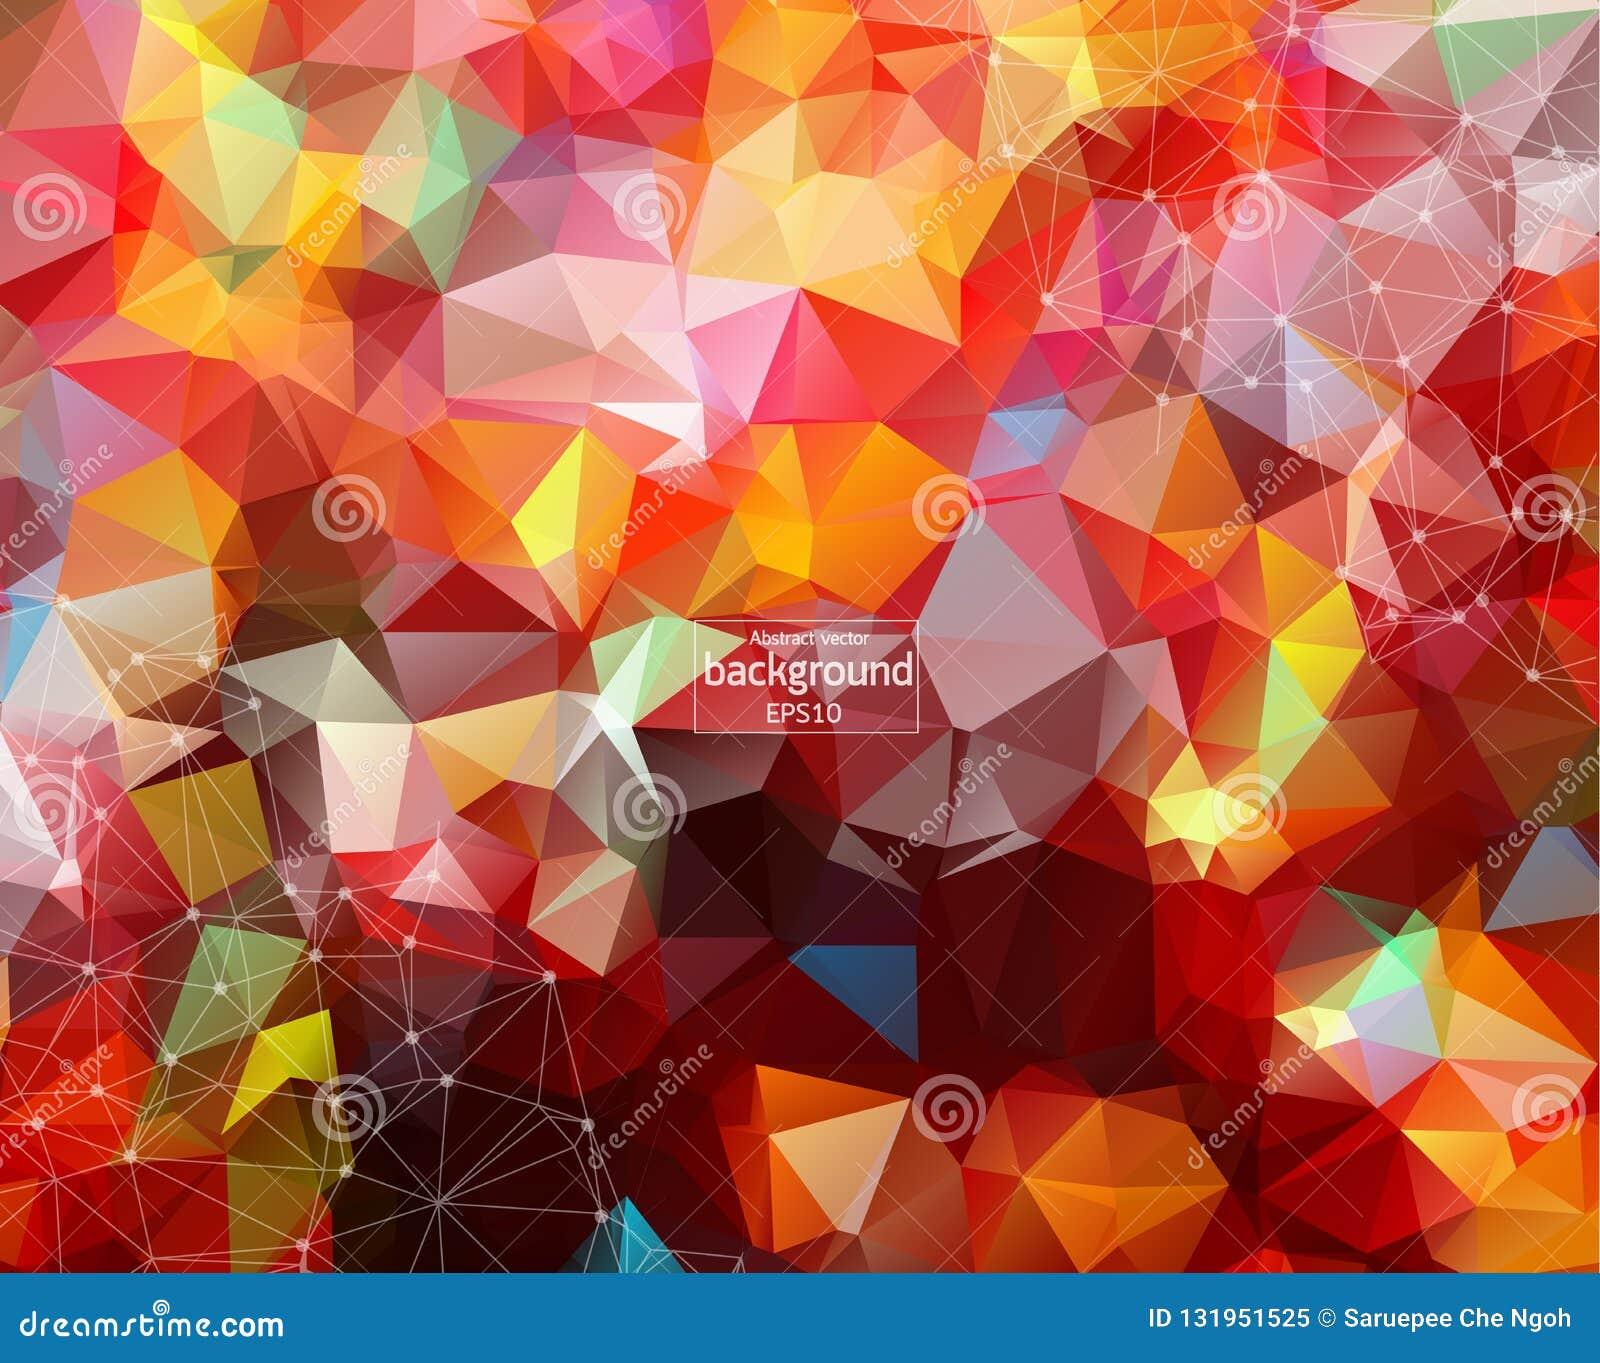 Conexão de rede isolada no fundo colorido Para materiais da site, do papel de parede, do cartaz, do cartaz, do anúncio, da tampa